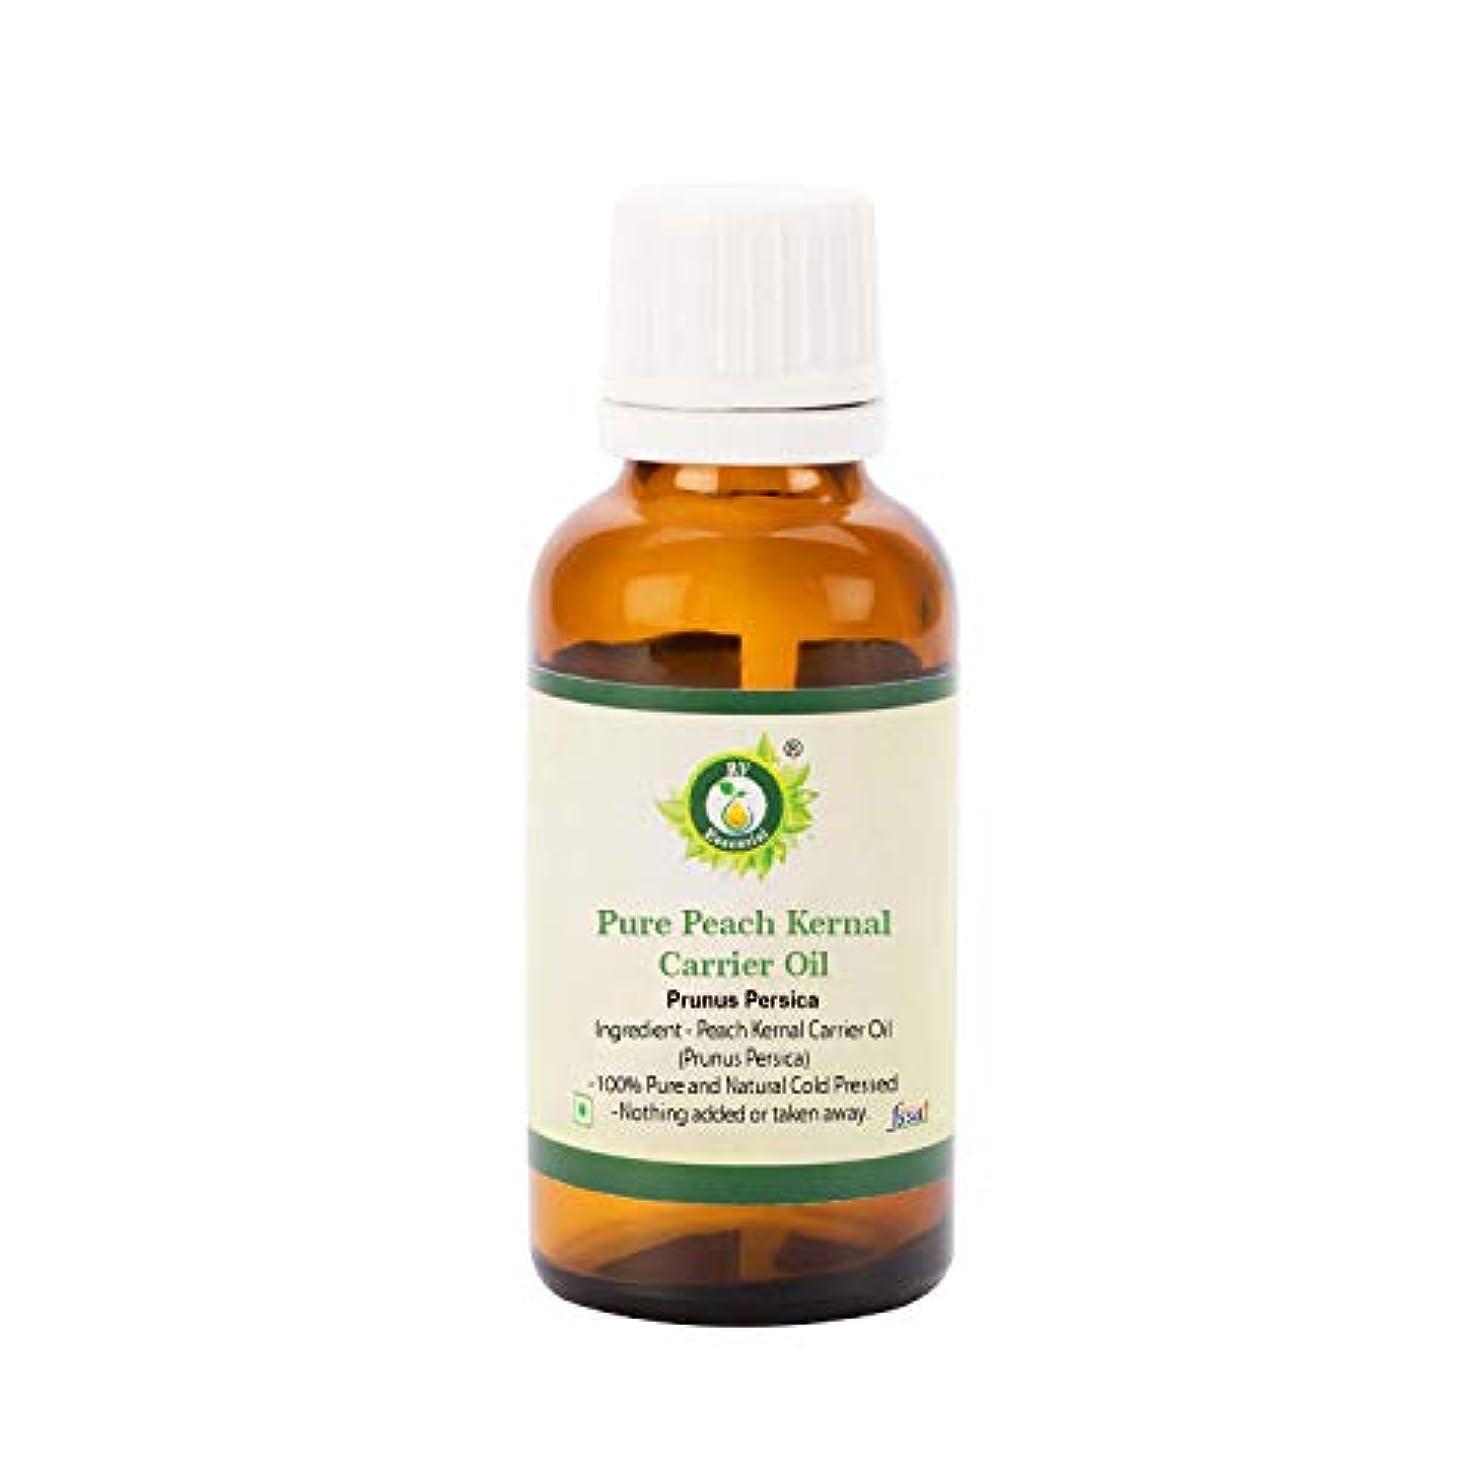 乳製品加入キャプションR V Essential ピュアピーチ Kernalキャリアオイル30ml (1.01oz)- Prunus Persica (100%ピュア&ナチュラルコールドPressed) Pure Peach Kernal Carrier...